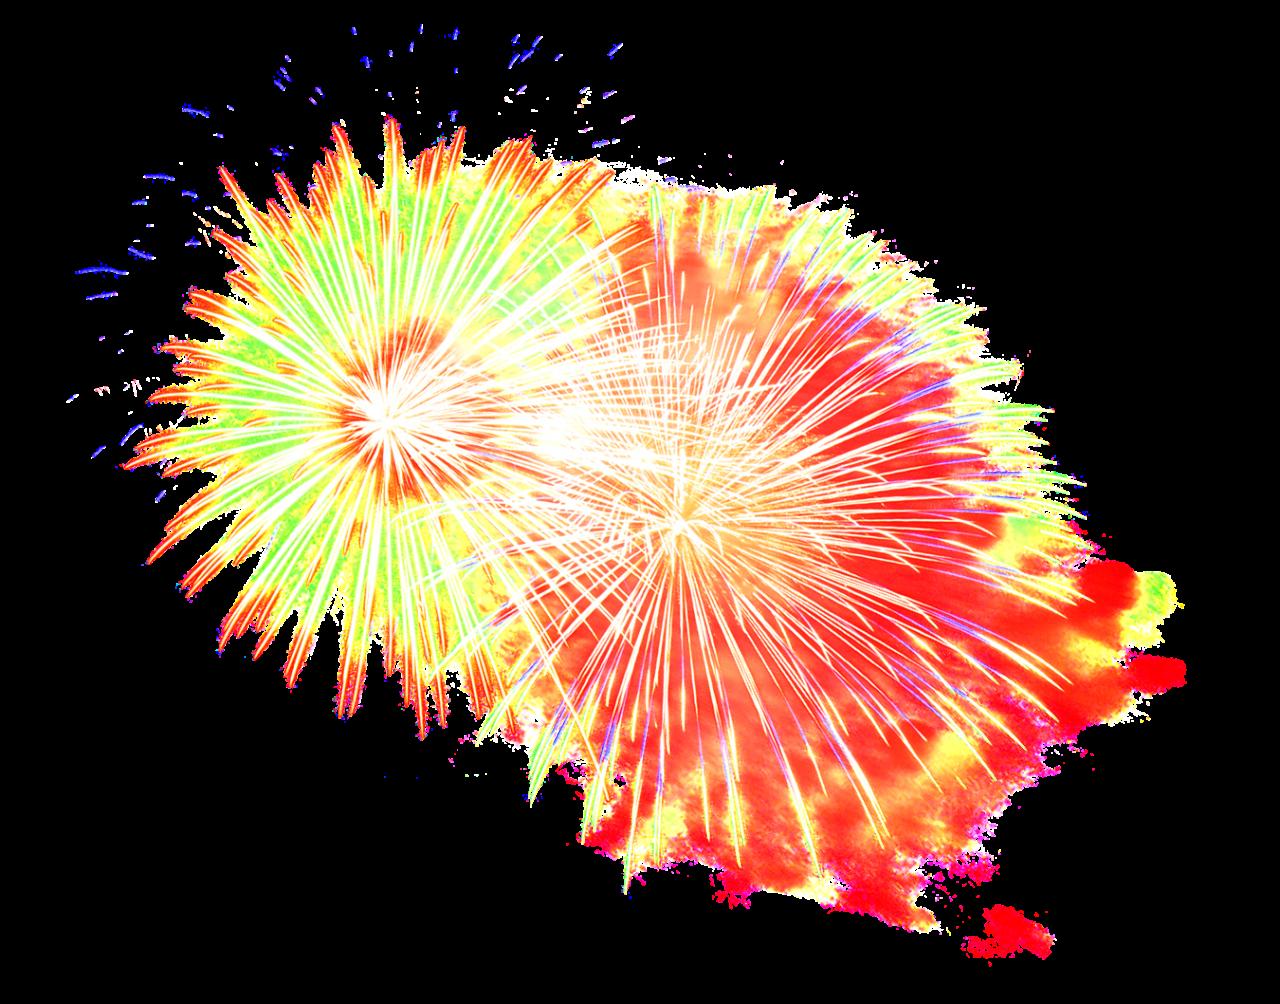 Fireworks PNG Image